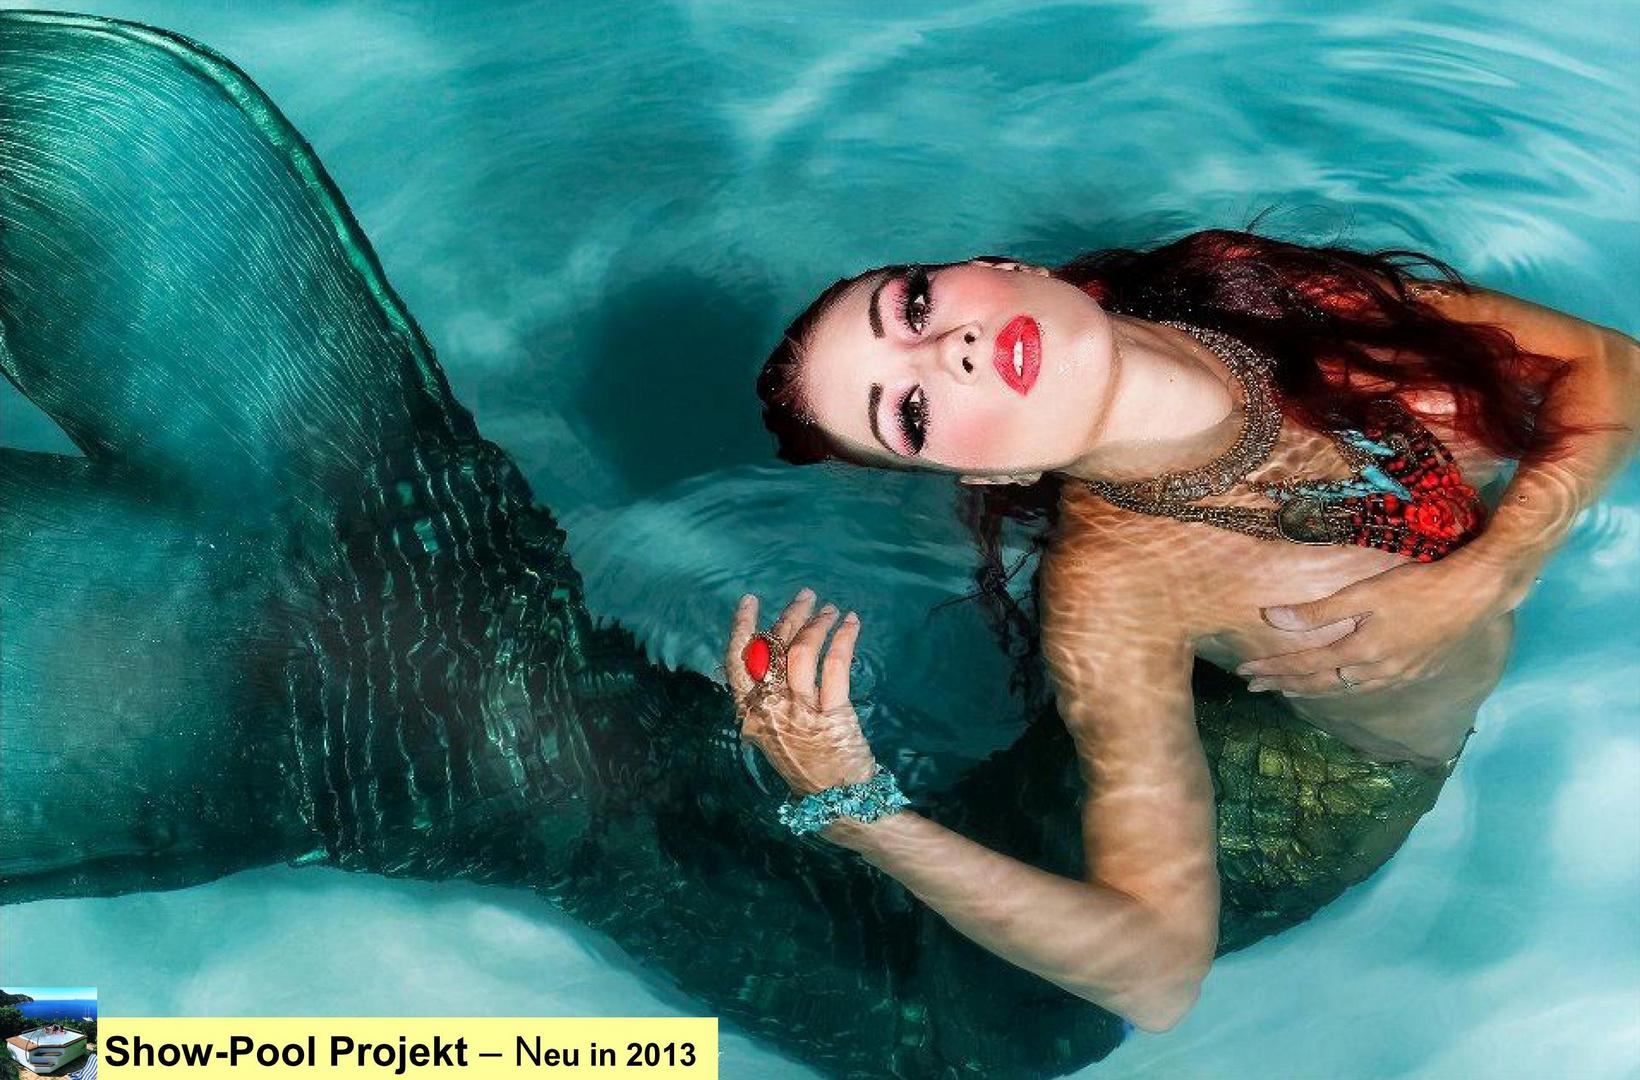 Performance - Mermaid